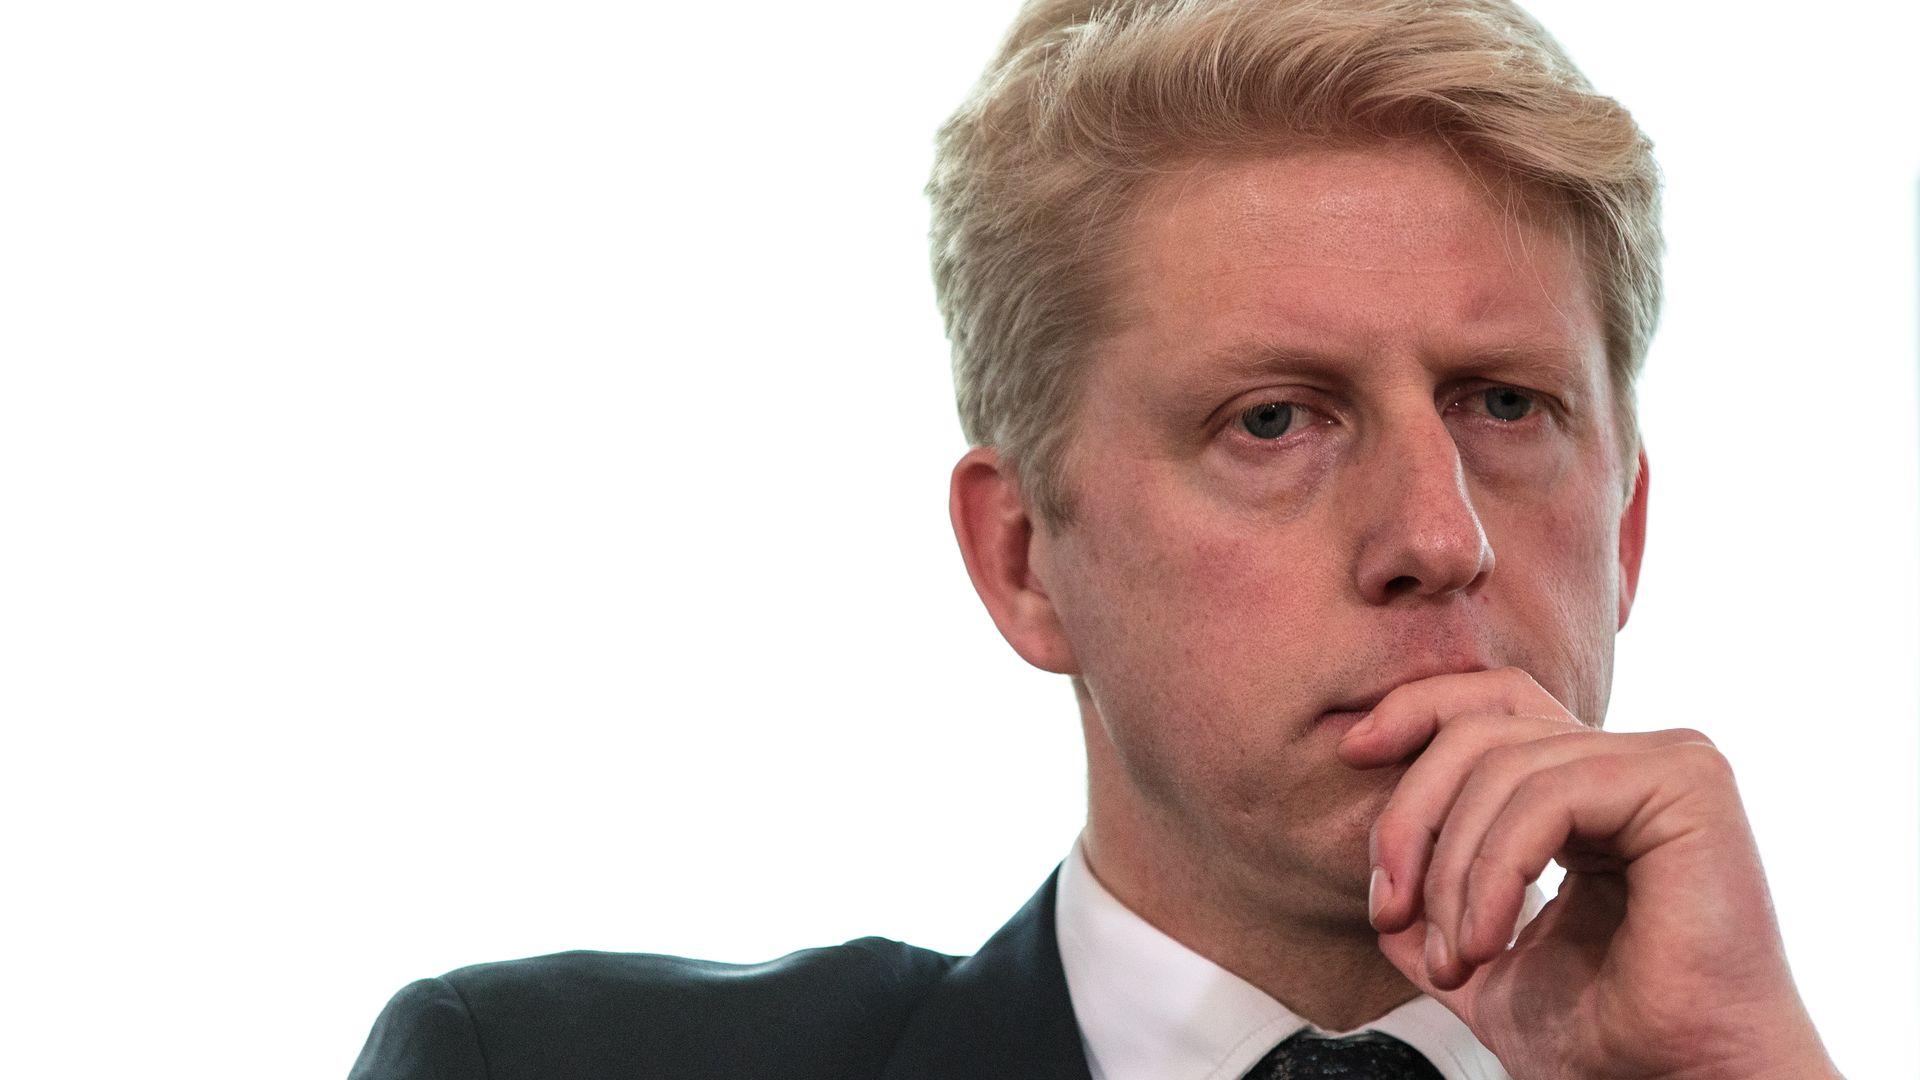 Prime Minister Boris Johnson's brother Jo Johnson